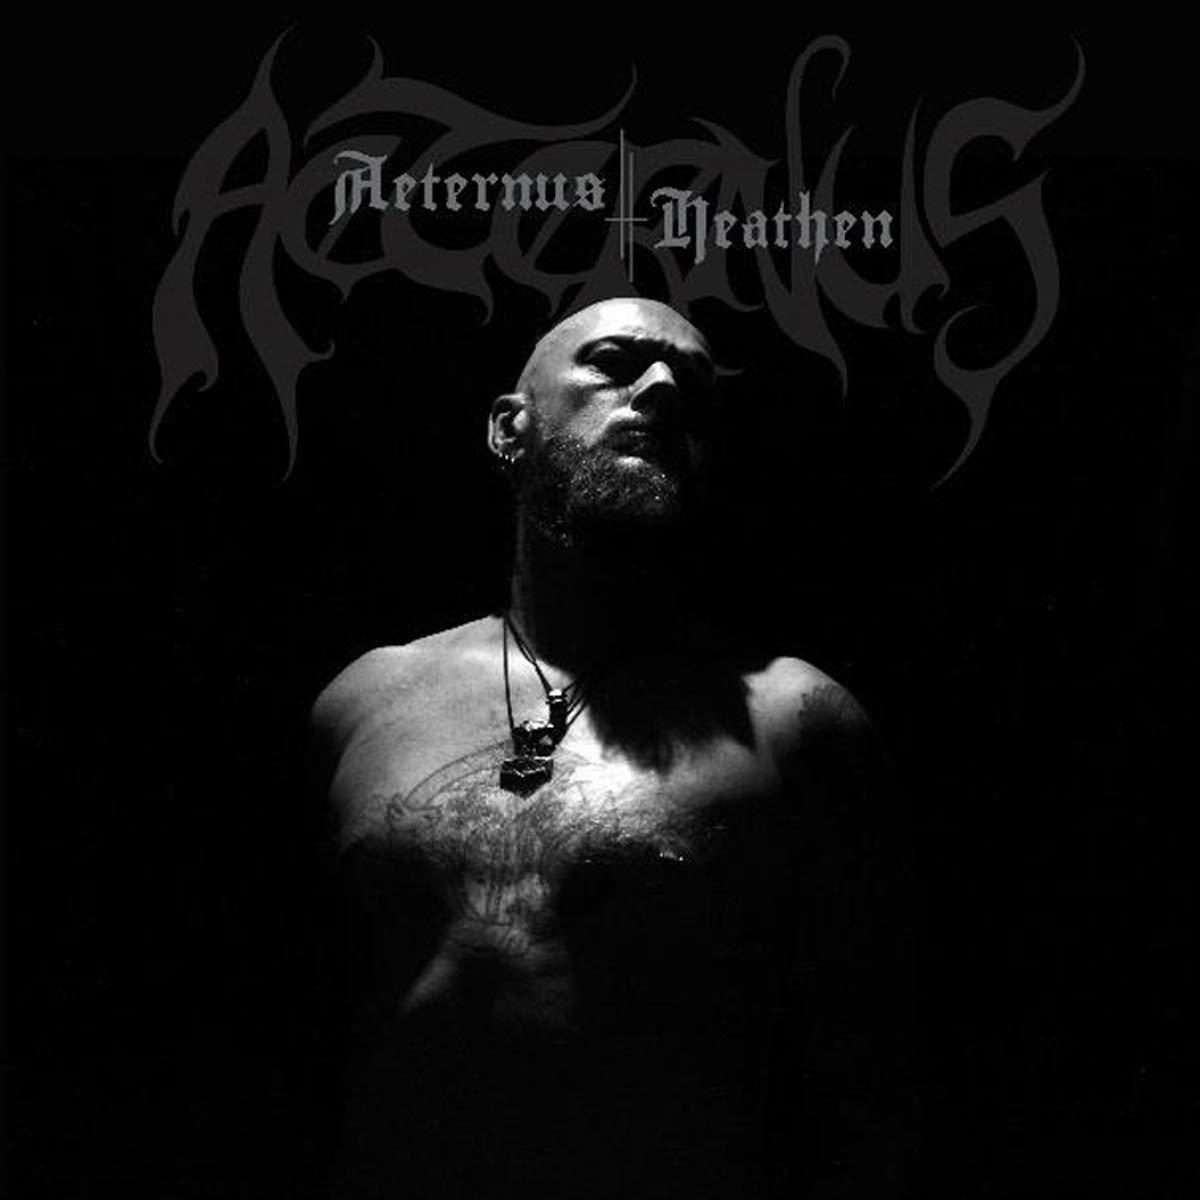 CD : Aeternus - Heathen (CD)